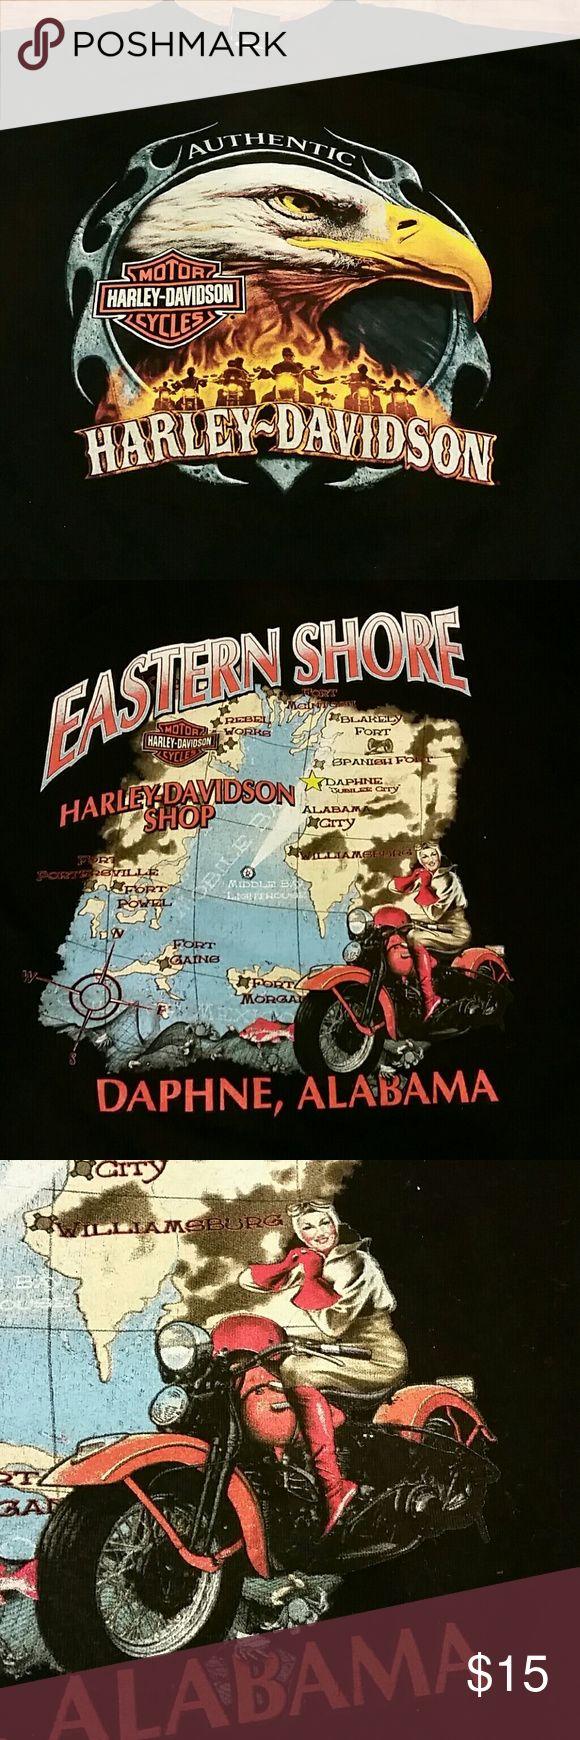 Harley-Davidson Alabama Tee Excellent condition.  Harley-Davidson shop in Daphne, Alabama. Eastern Shore Harley-Davidson Shirts Tees - Short Sleeve